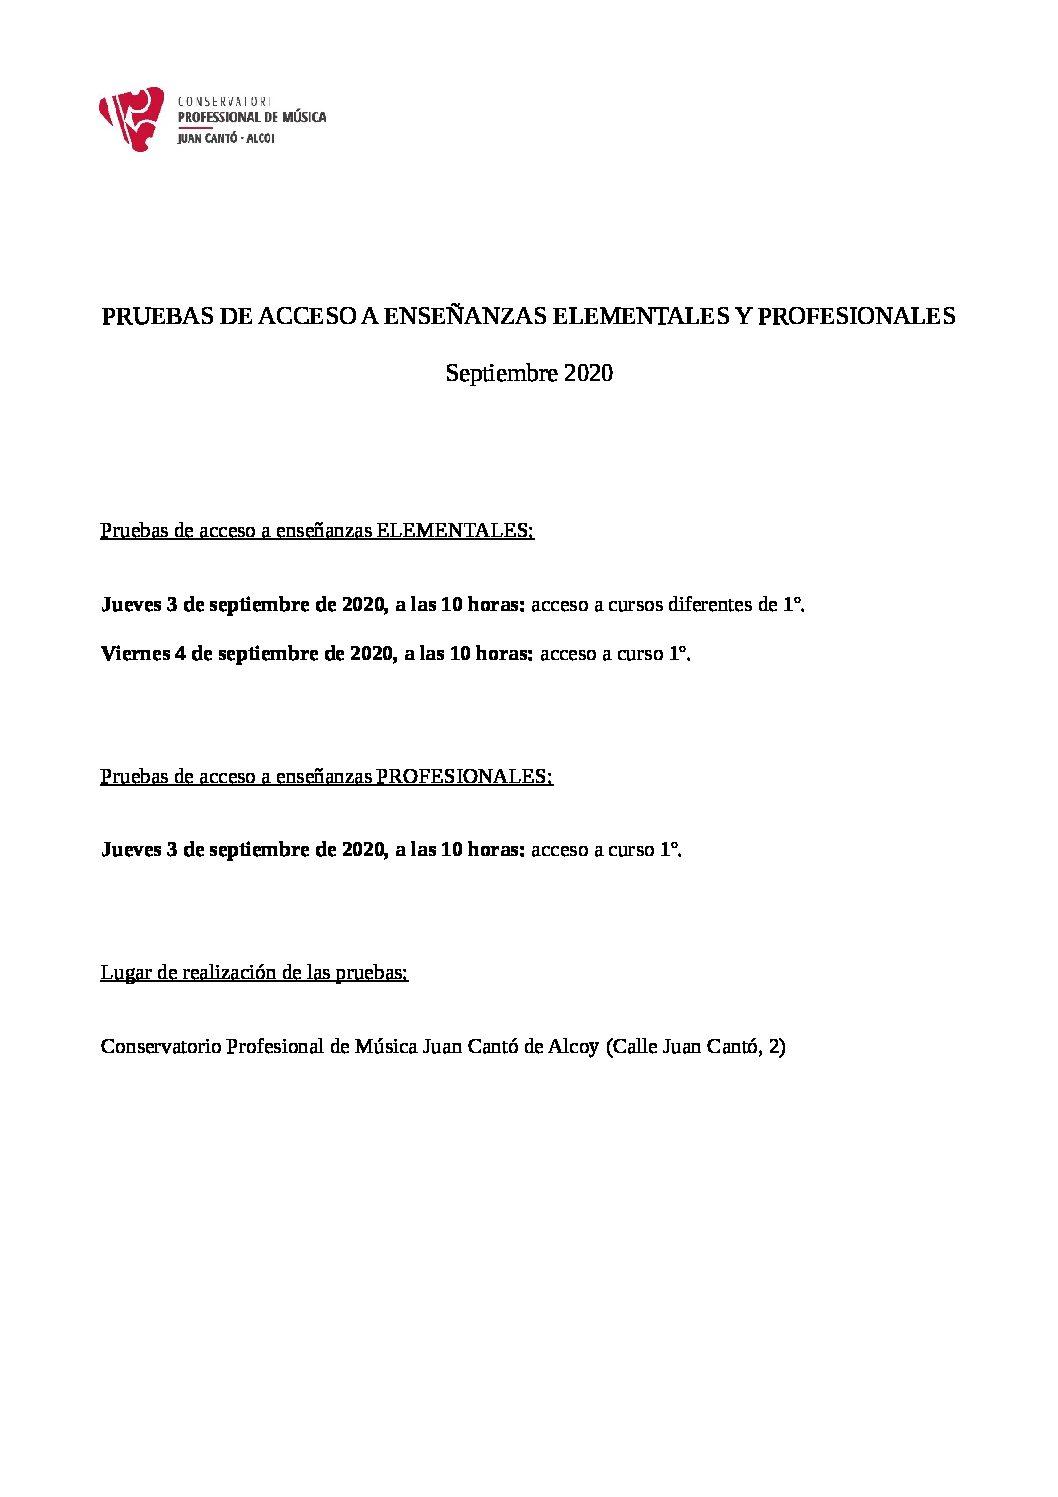 PRUEBAS DE ACCESO A ENSEÑANZAS ELEMENTALES Y PROFESIONALES (SEPTIEMBRE 2020)